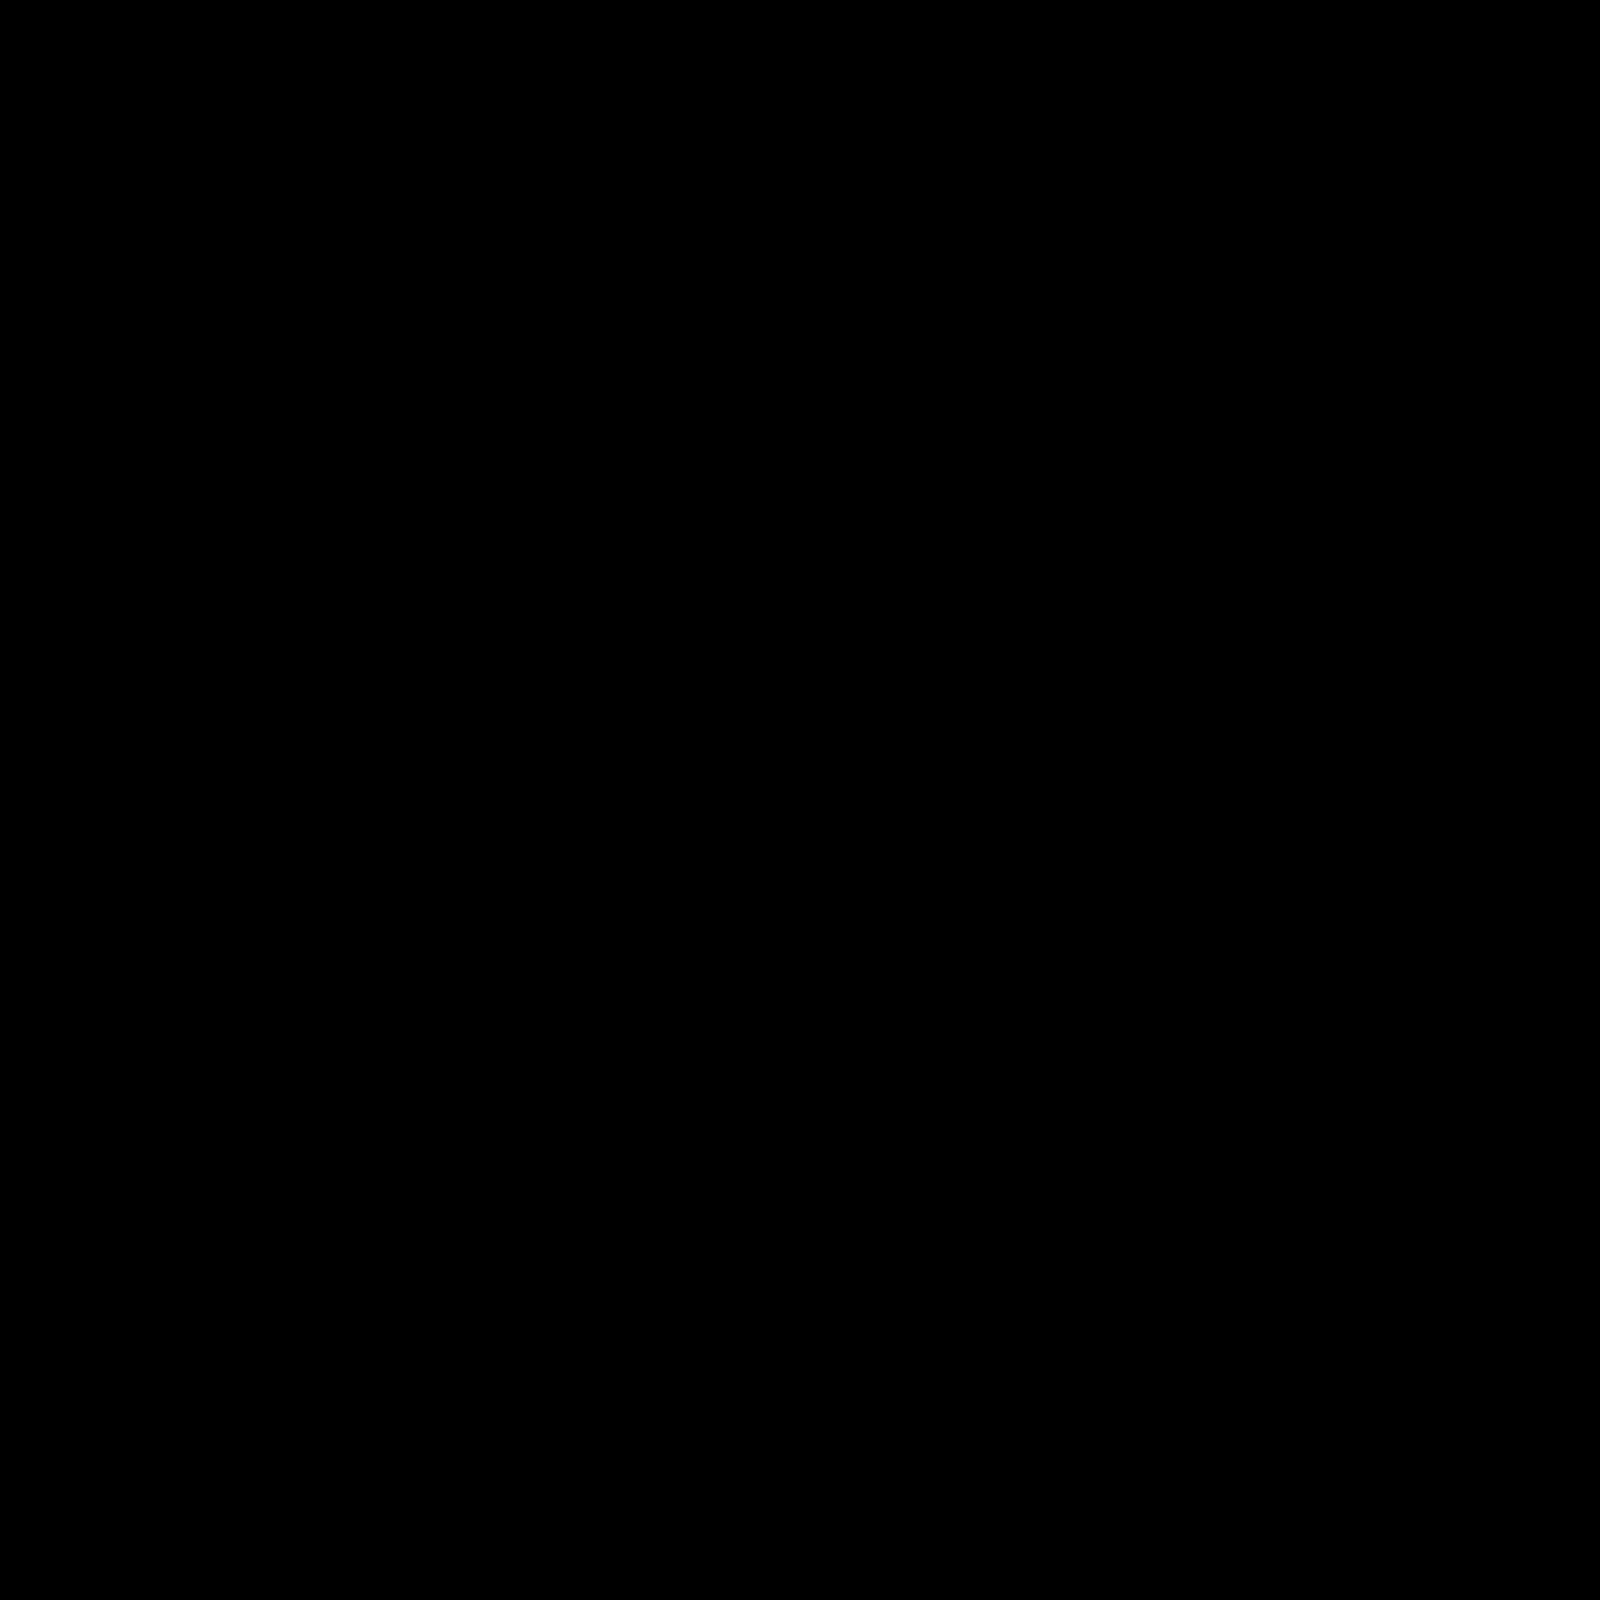 Etyka icon